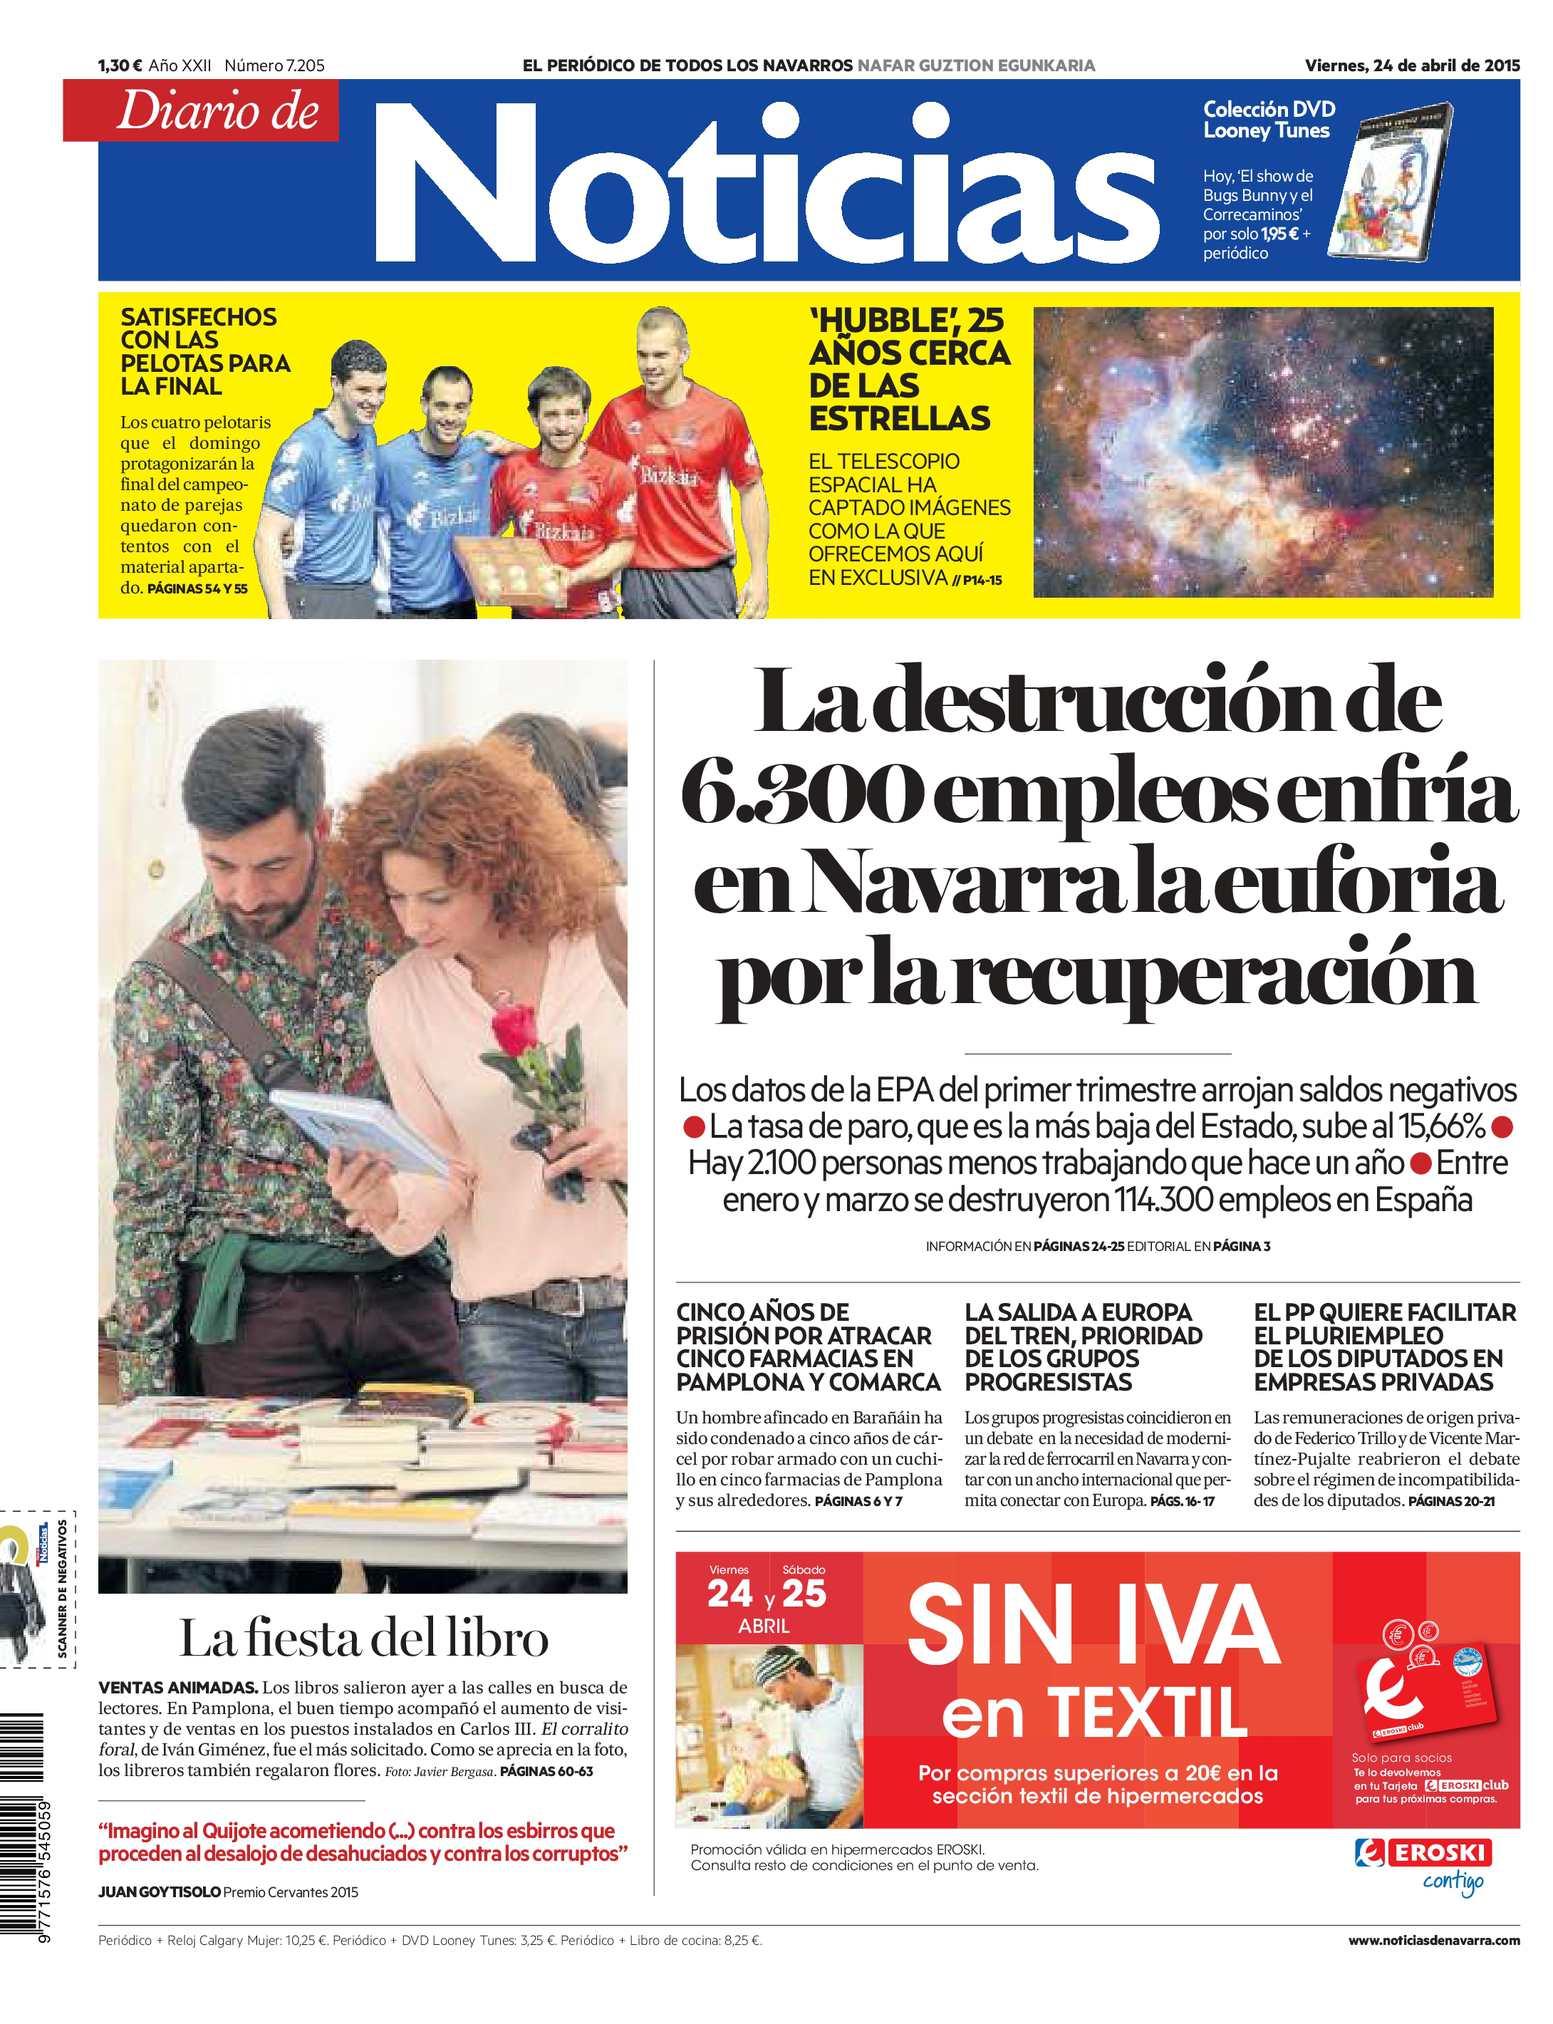 Dating Las Palmas Salidas - 241086